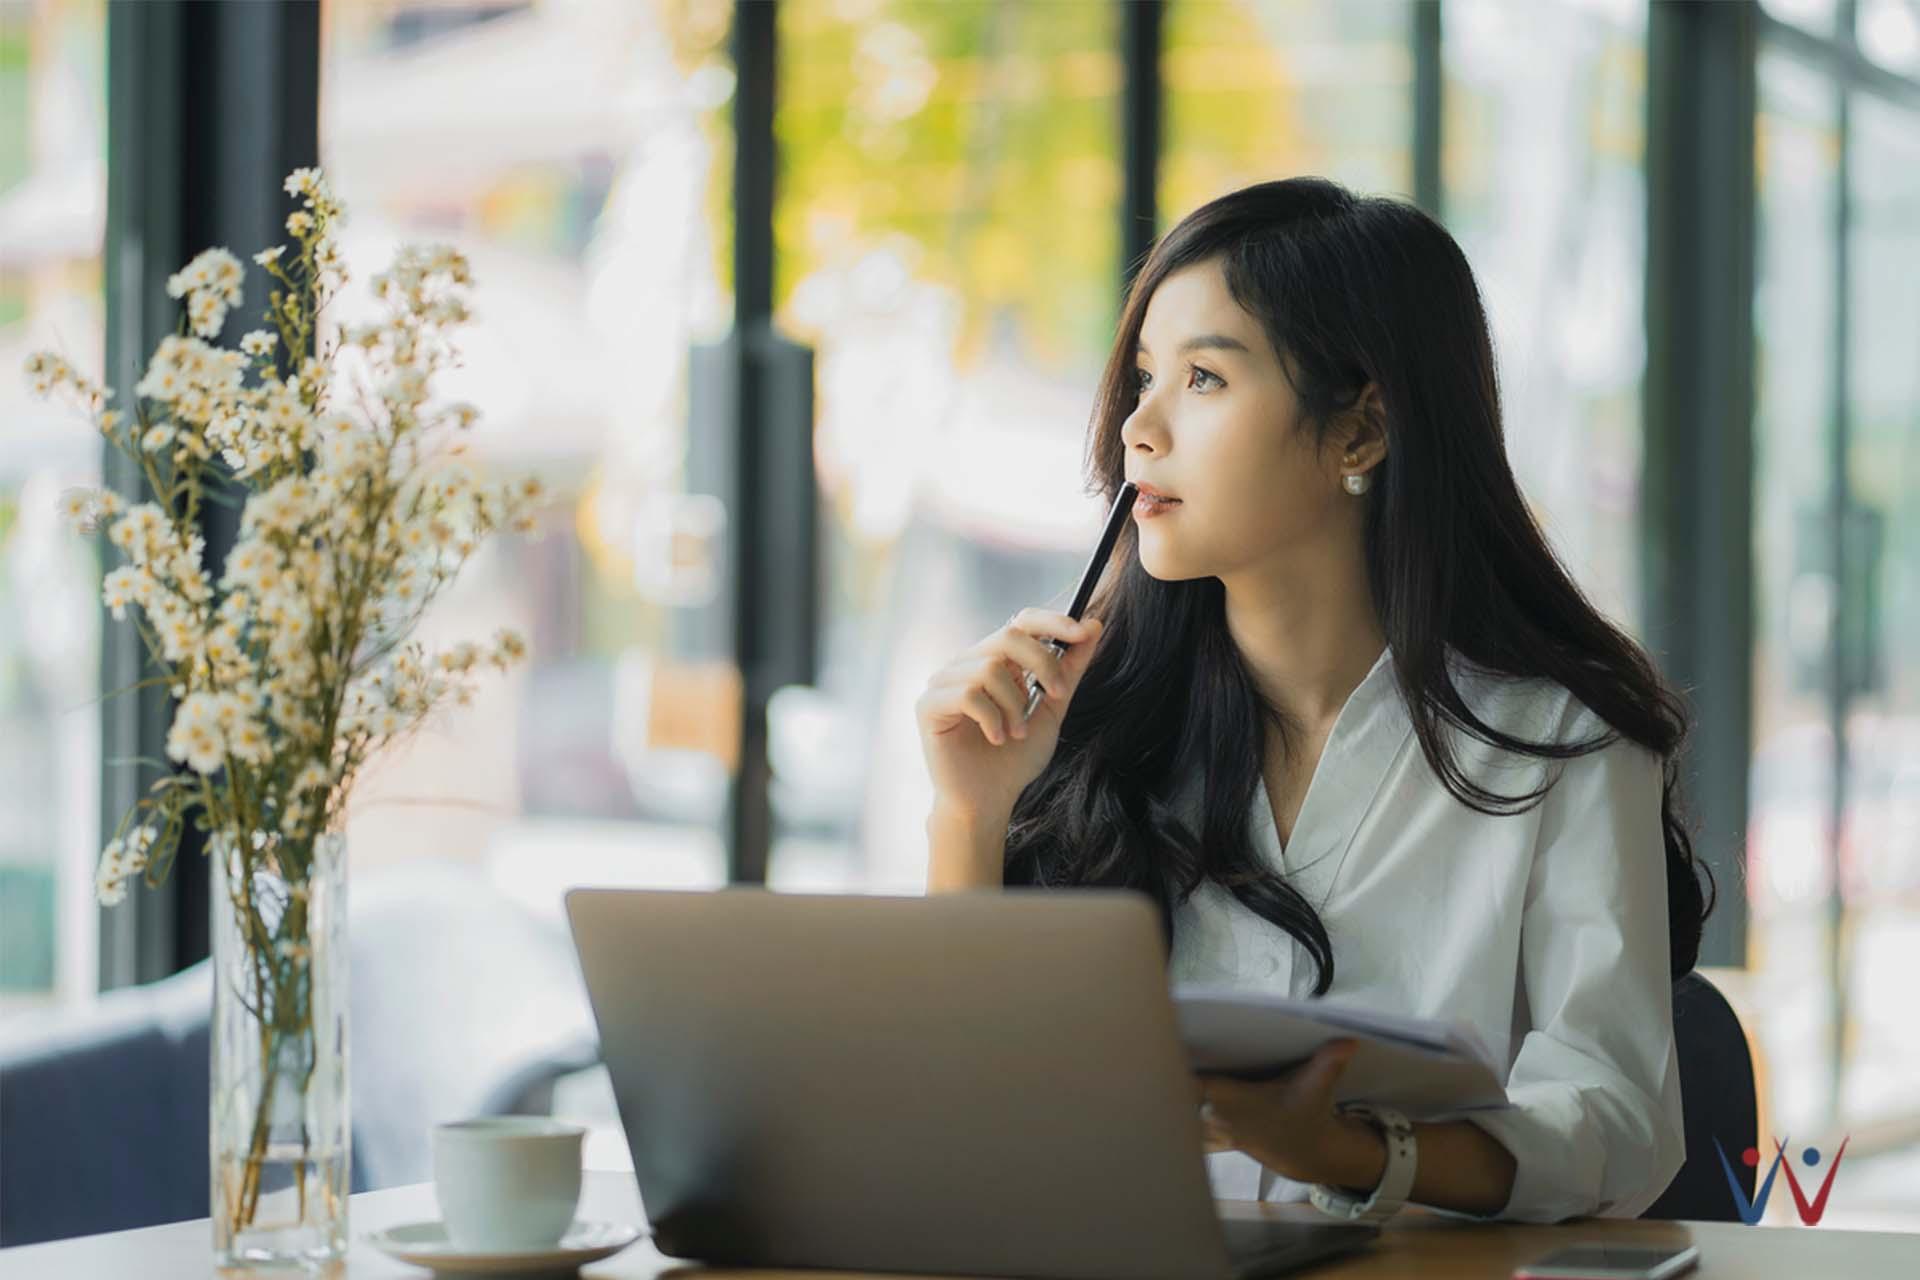 bpjs ketenagakerjaan - nasihat keuangan - usia 30 - berpikir - bingung